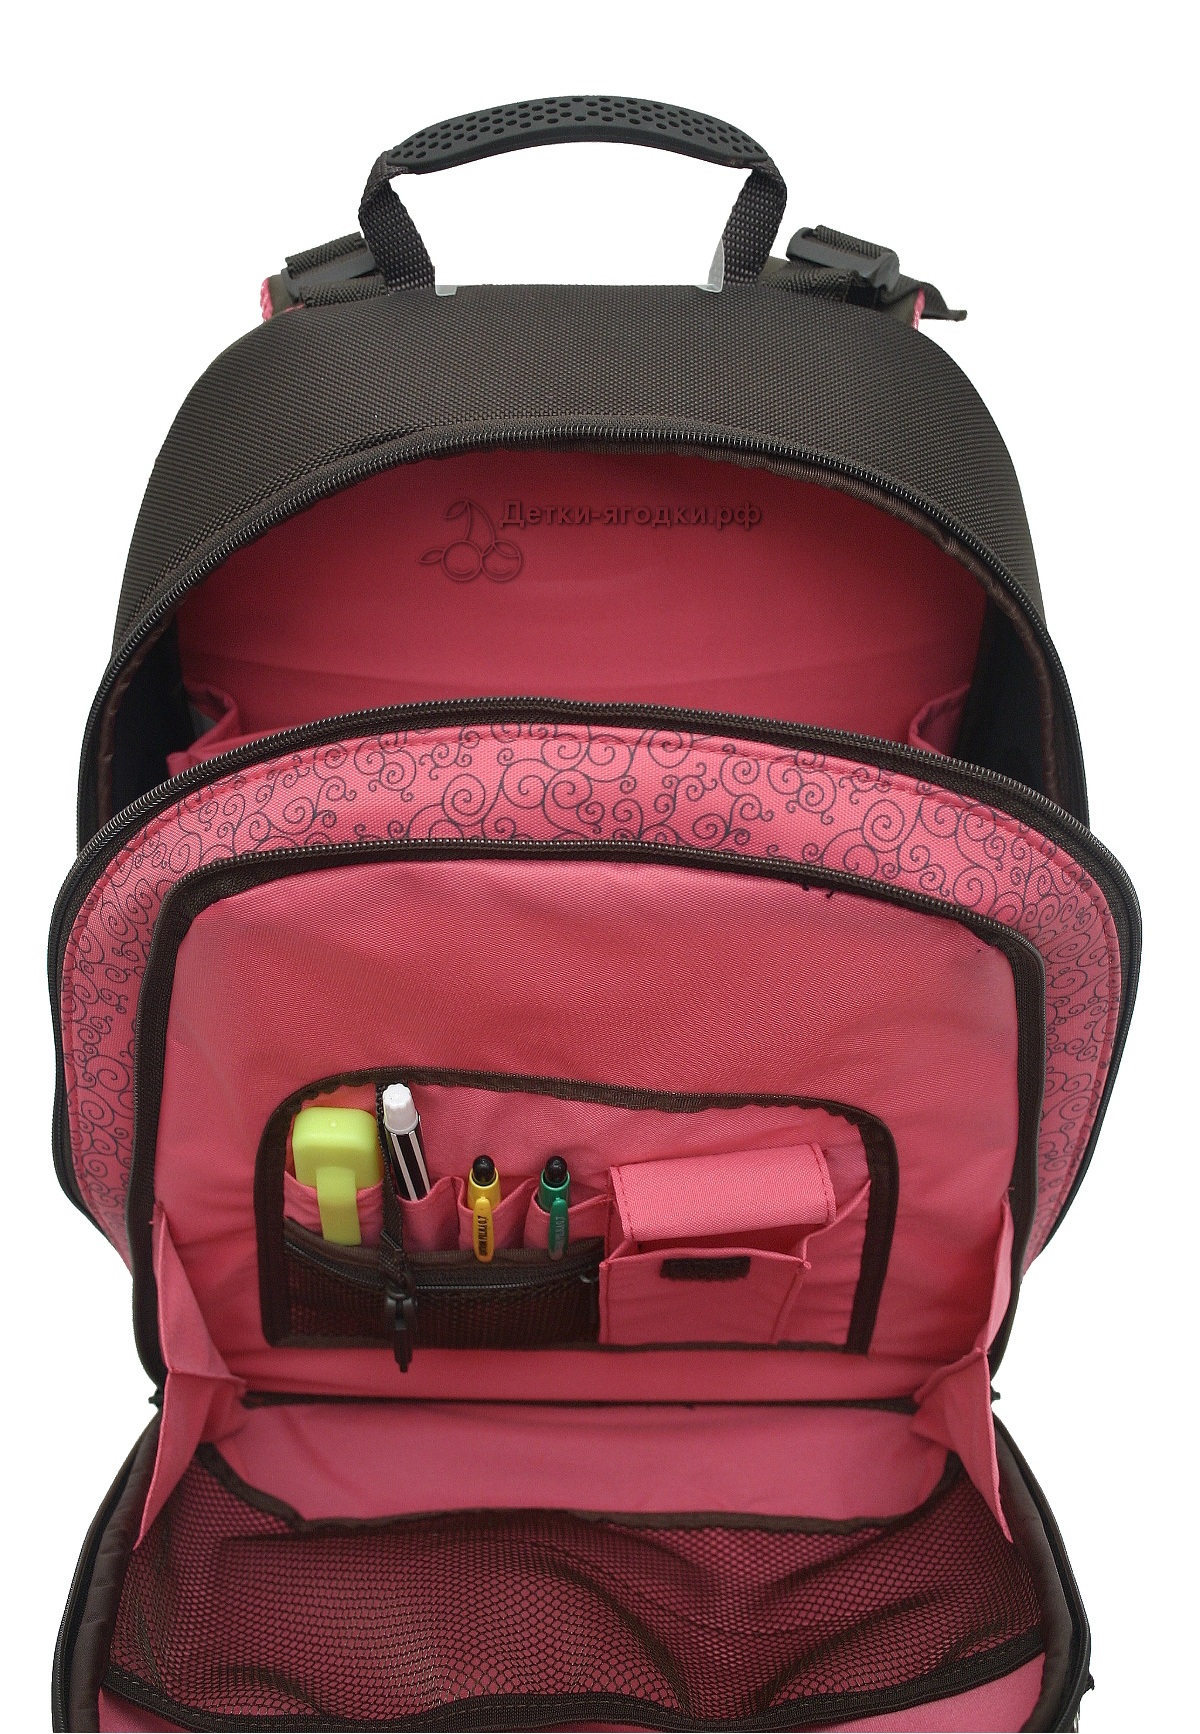 Школьный рюкзак Хамминберд T82 официальный, - фото 6